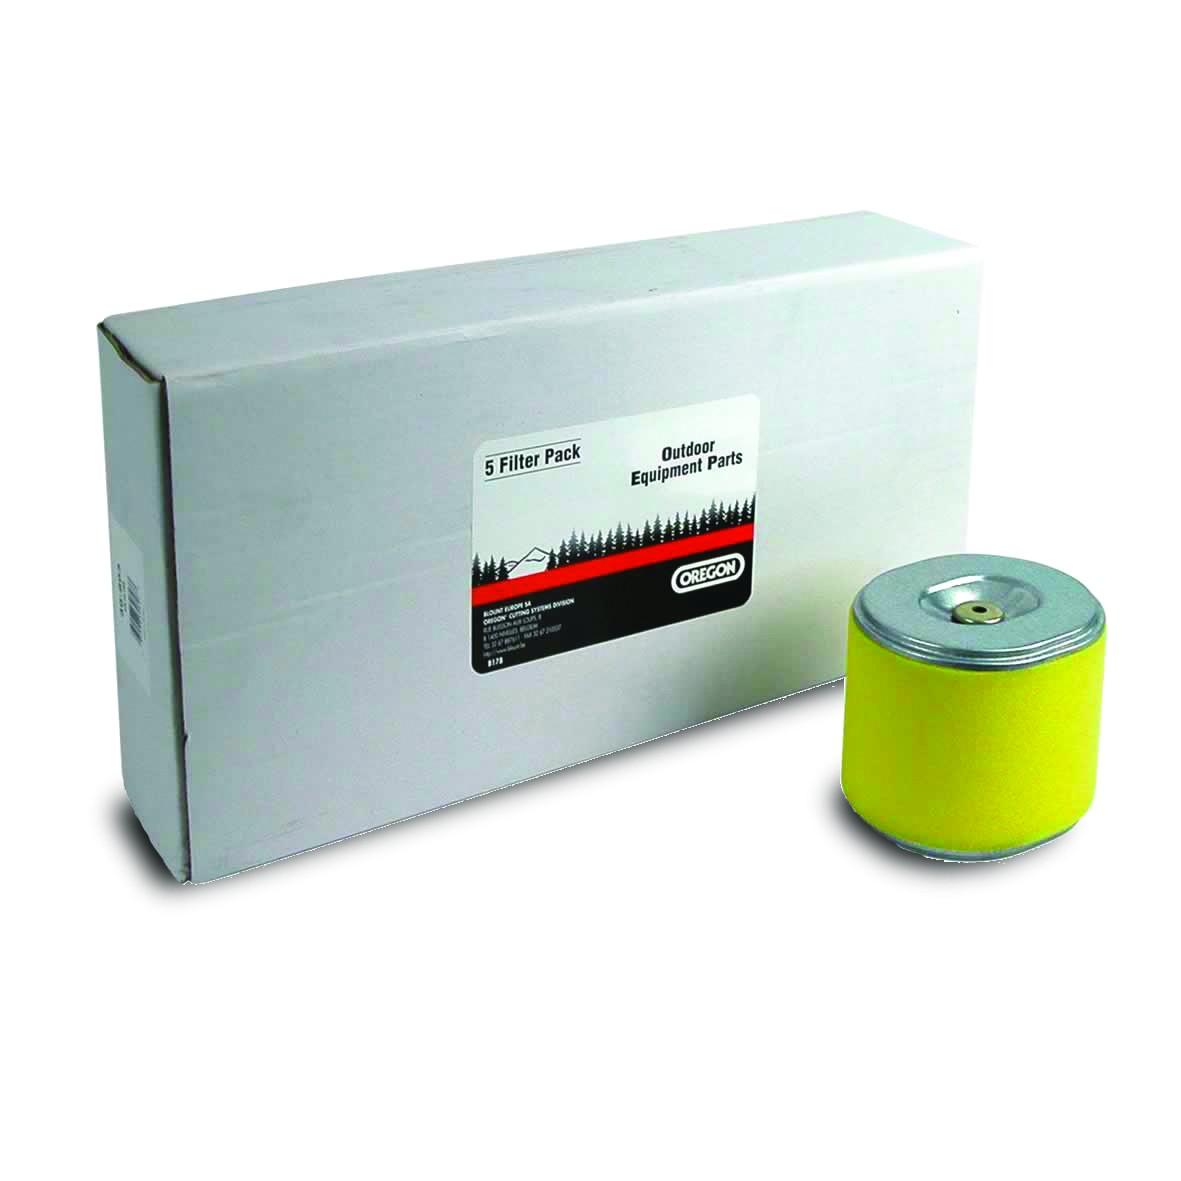 Vzduchový filtr do sekačky s motorem Honda GX340 GX390 - 5 sztuk